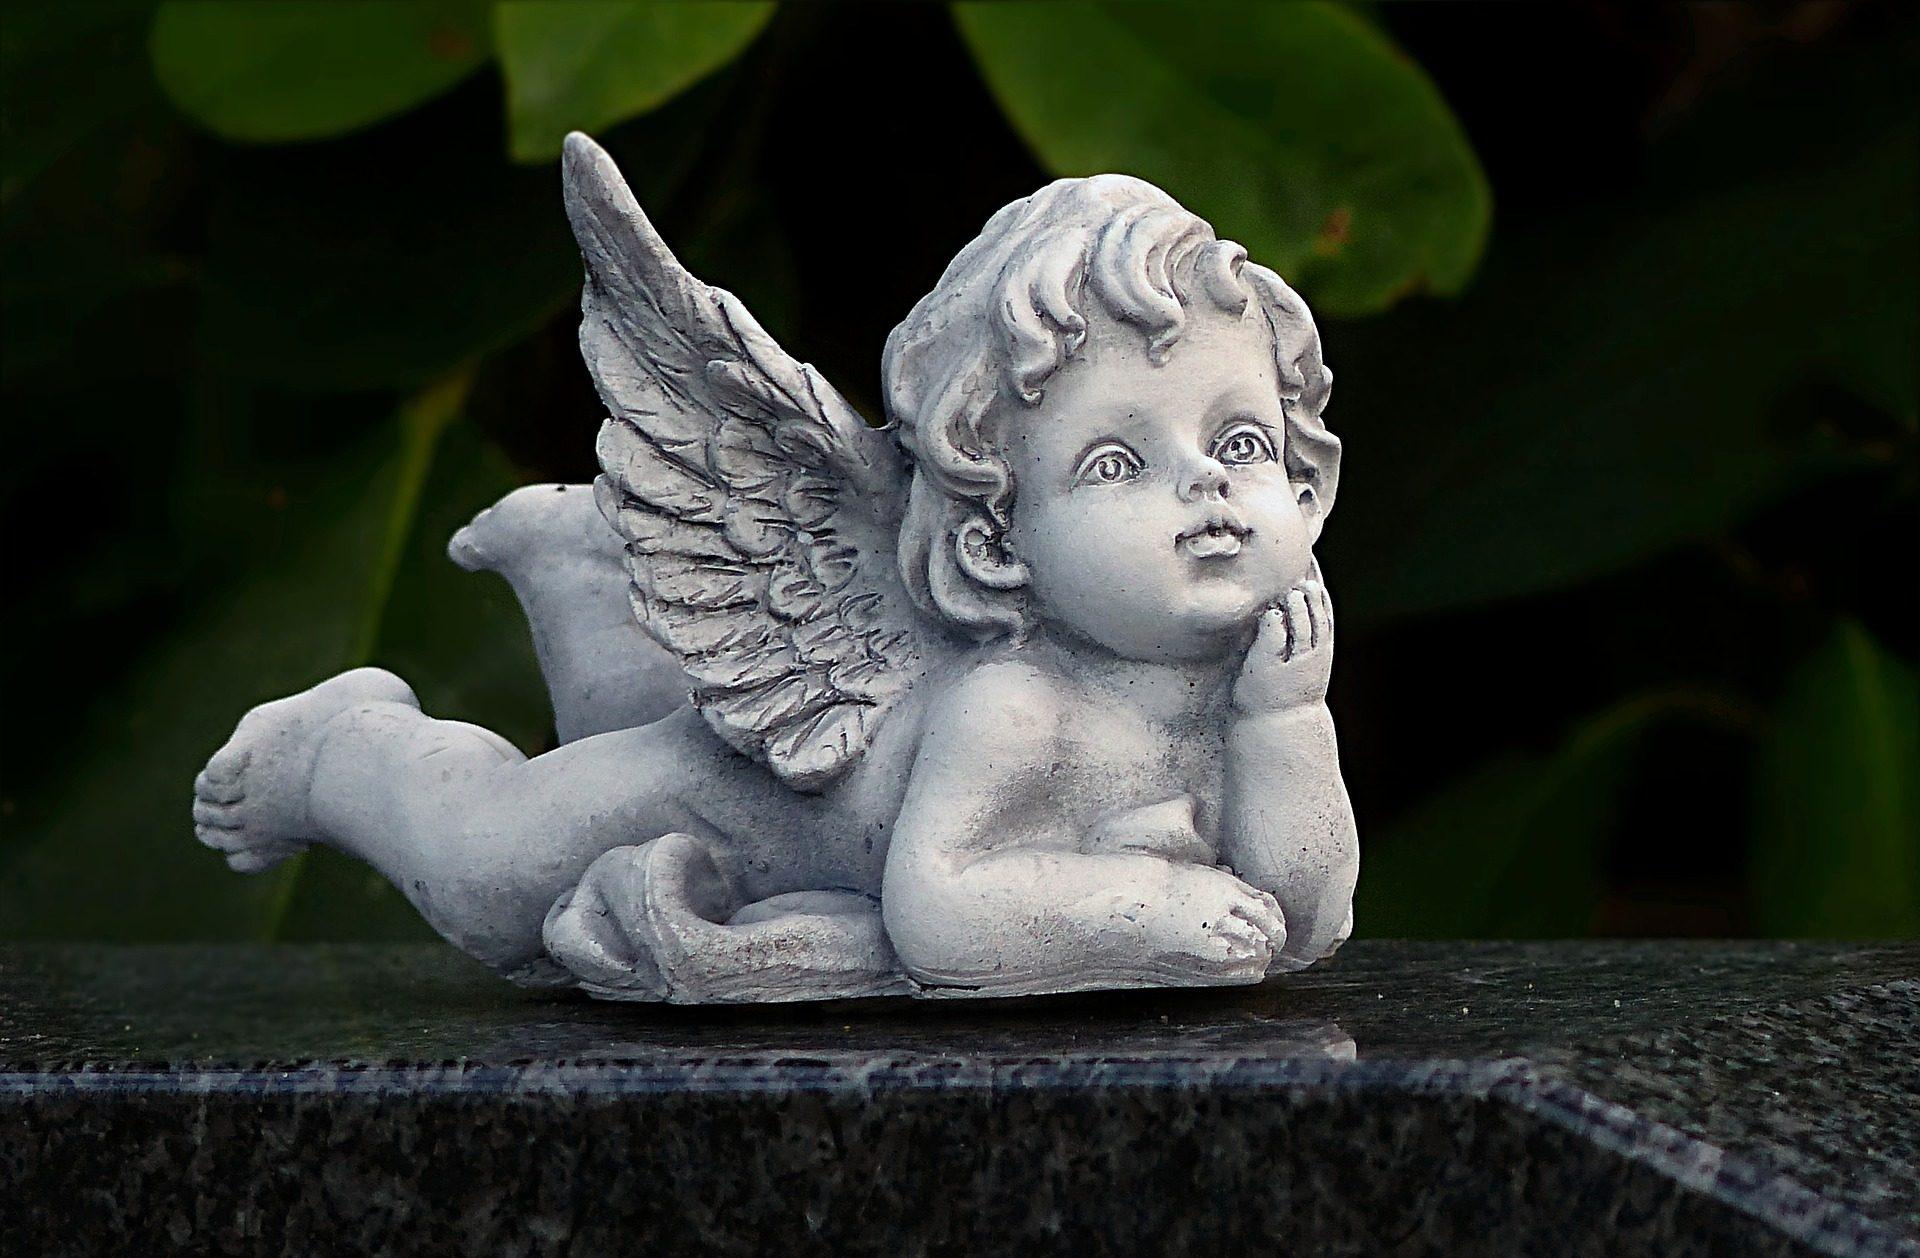 ángel, escultura, figura, jardín, alas - Fondos de Pantalla HD - professor-falken.com